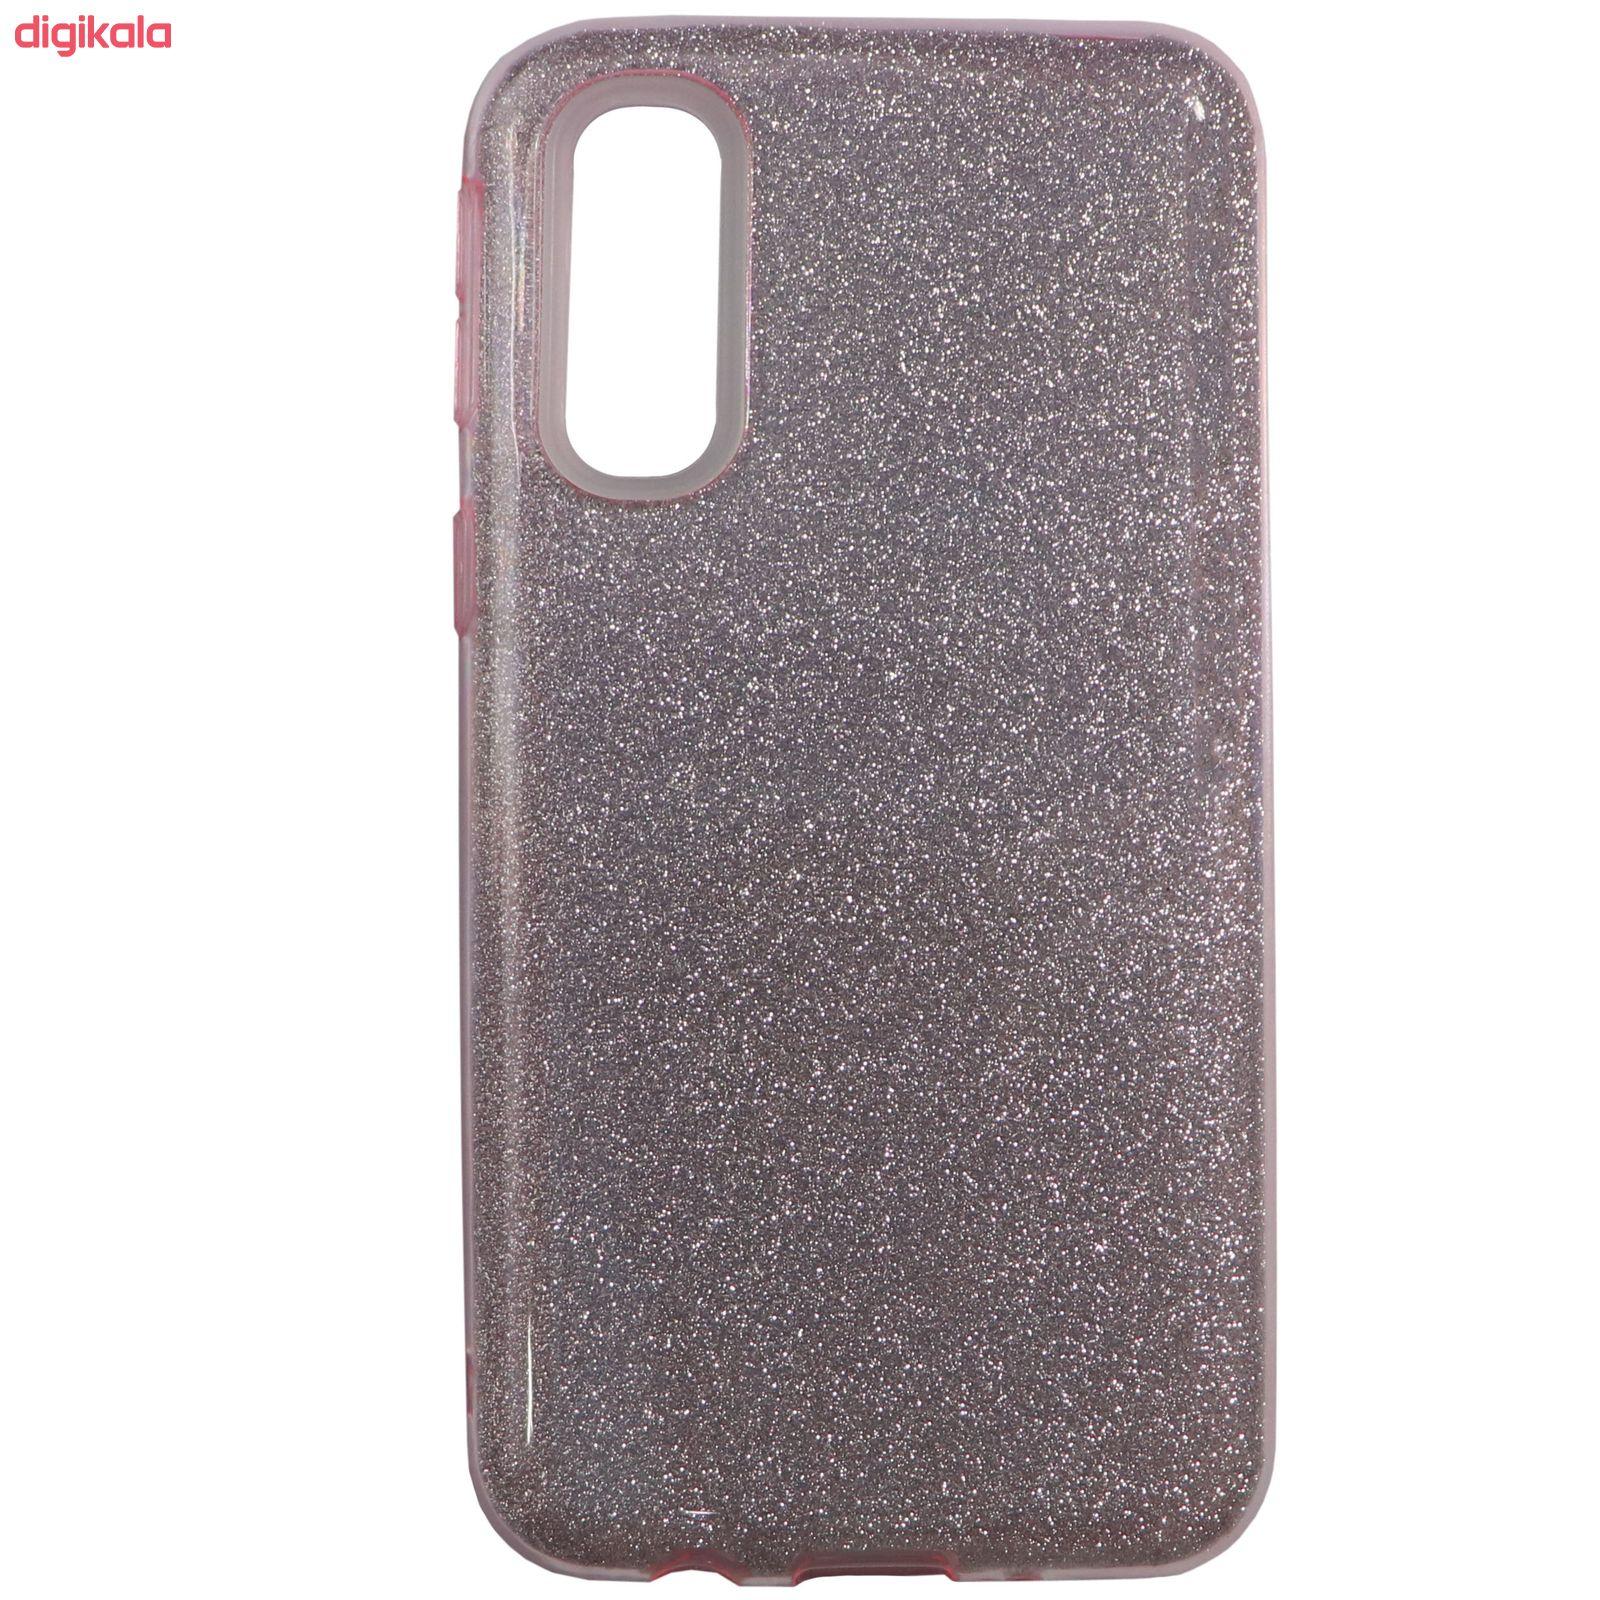 کاور مدل A3 مناسب برای گوشی موبایل سامسونگ Galaxy A50/A30S/A50S